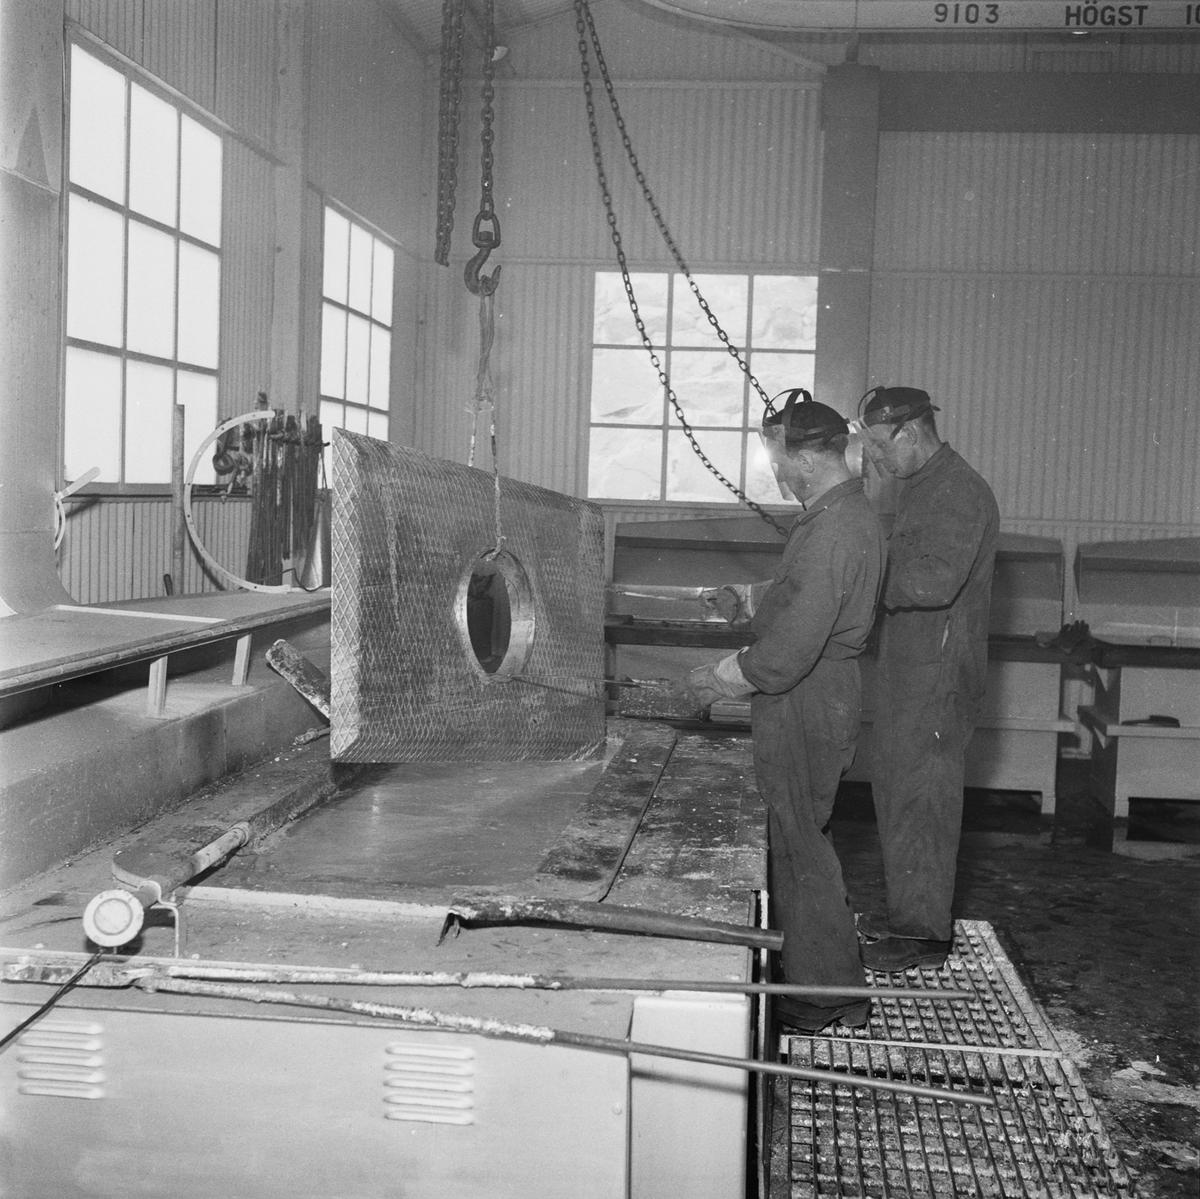 Övrigt: Fotodatum:1/6 1958 Byggnader och Kranar. Ytbehandlingsverkstad interiör pågående arbete